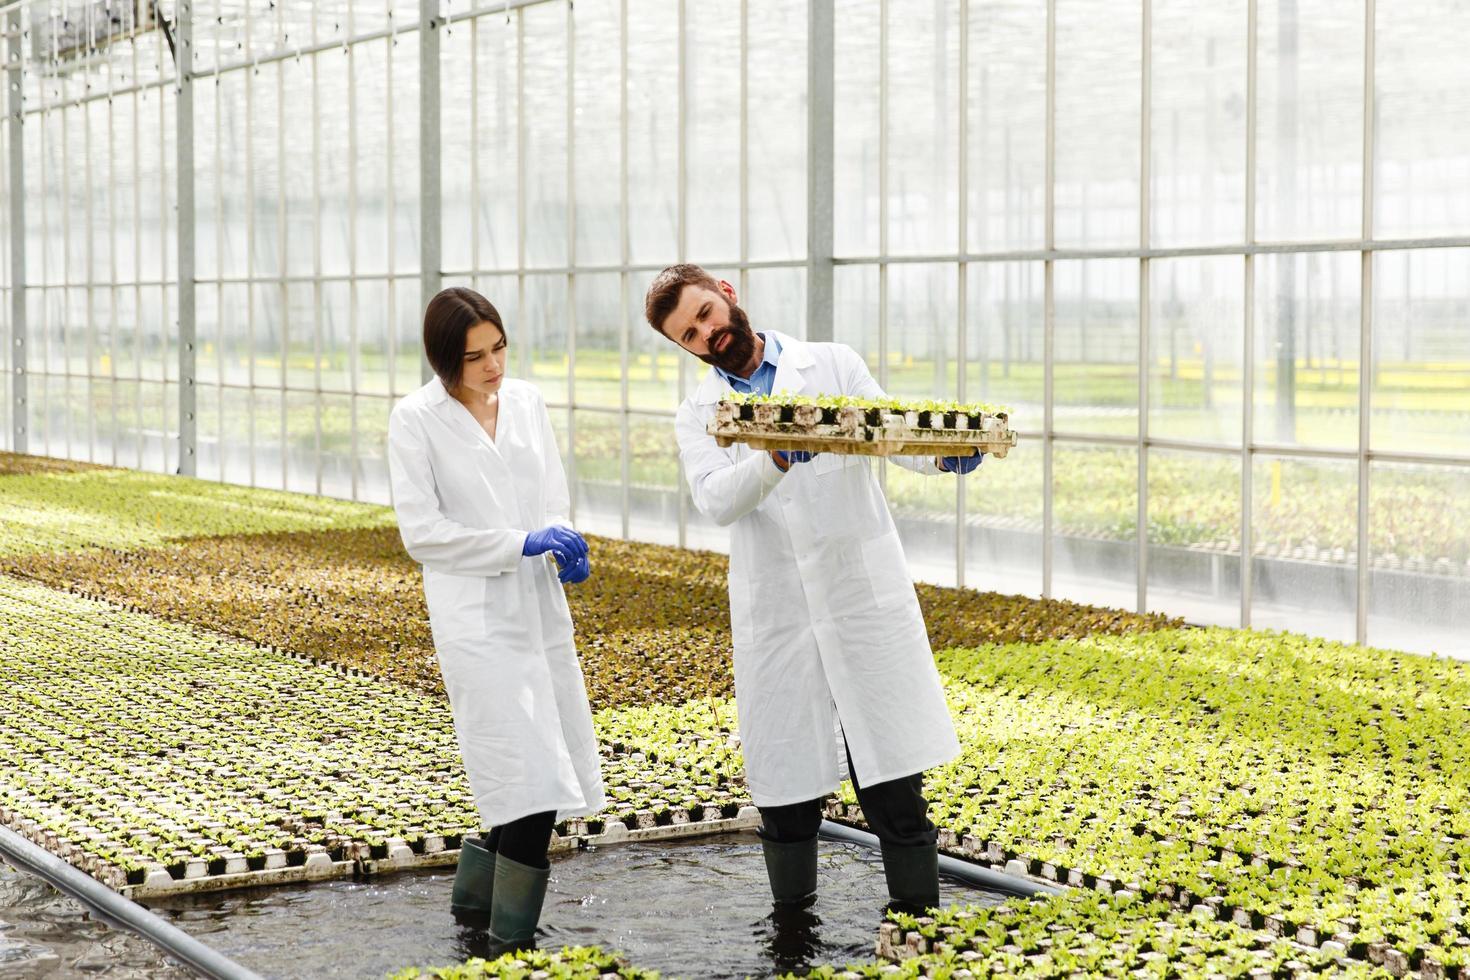 man och kvinna i laboratoriekläder i ett växthus foto